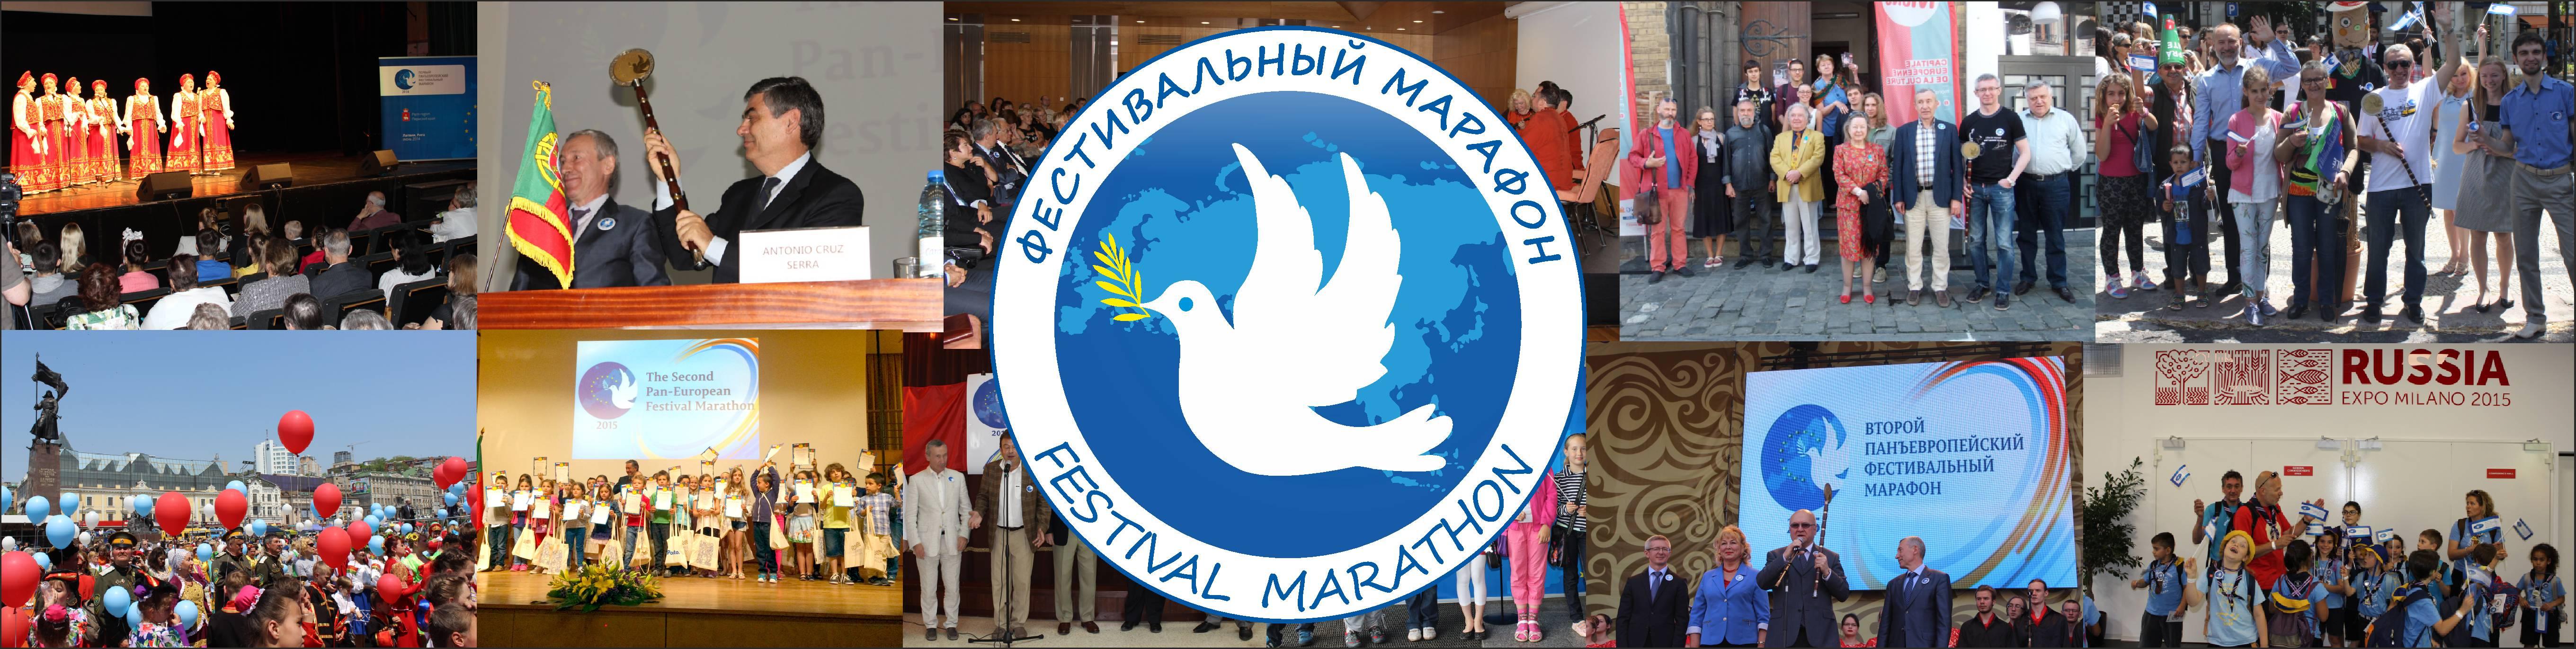 Фестивальный марафон